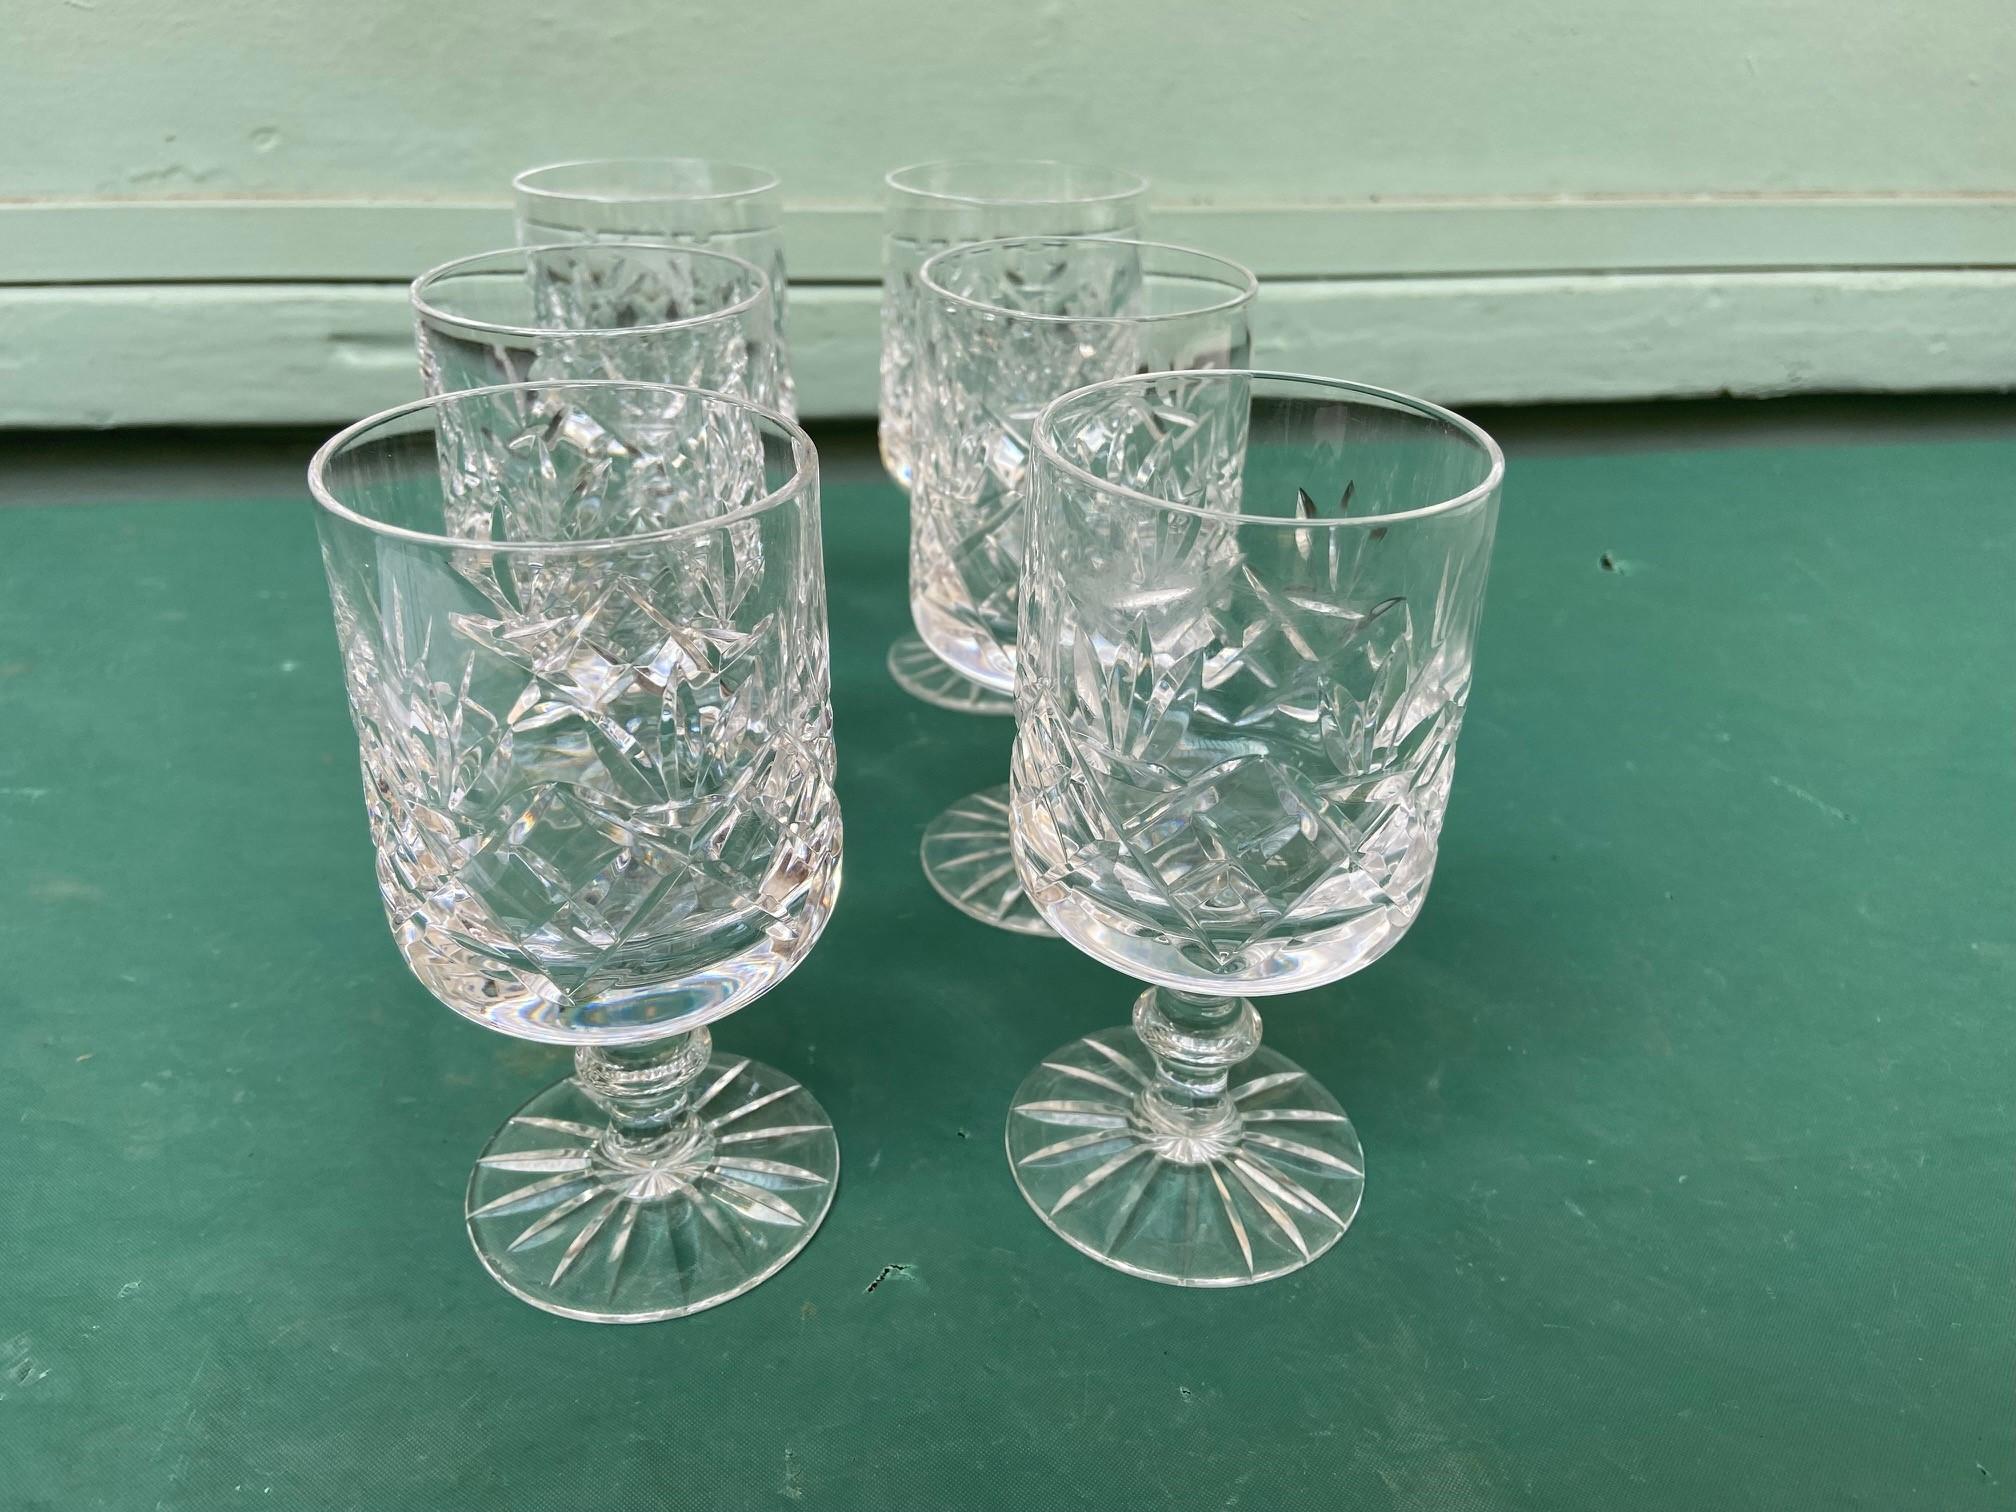 6 diamond cut Stuart crystal wine glasses - Image 10 of 11